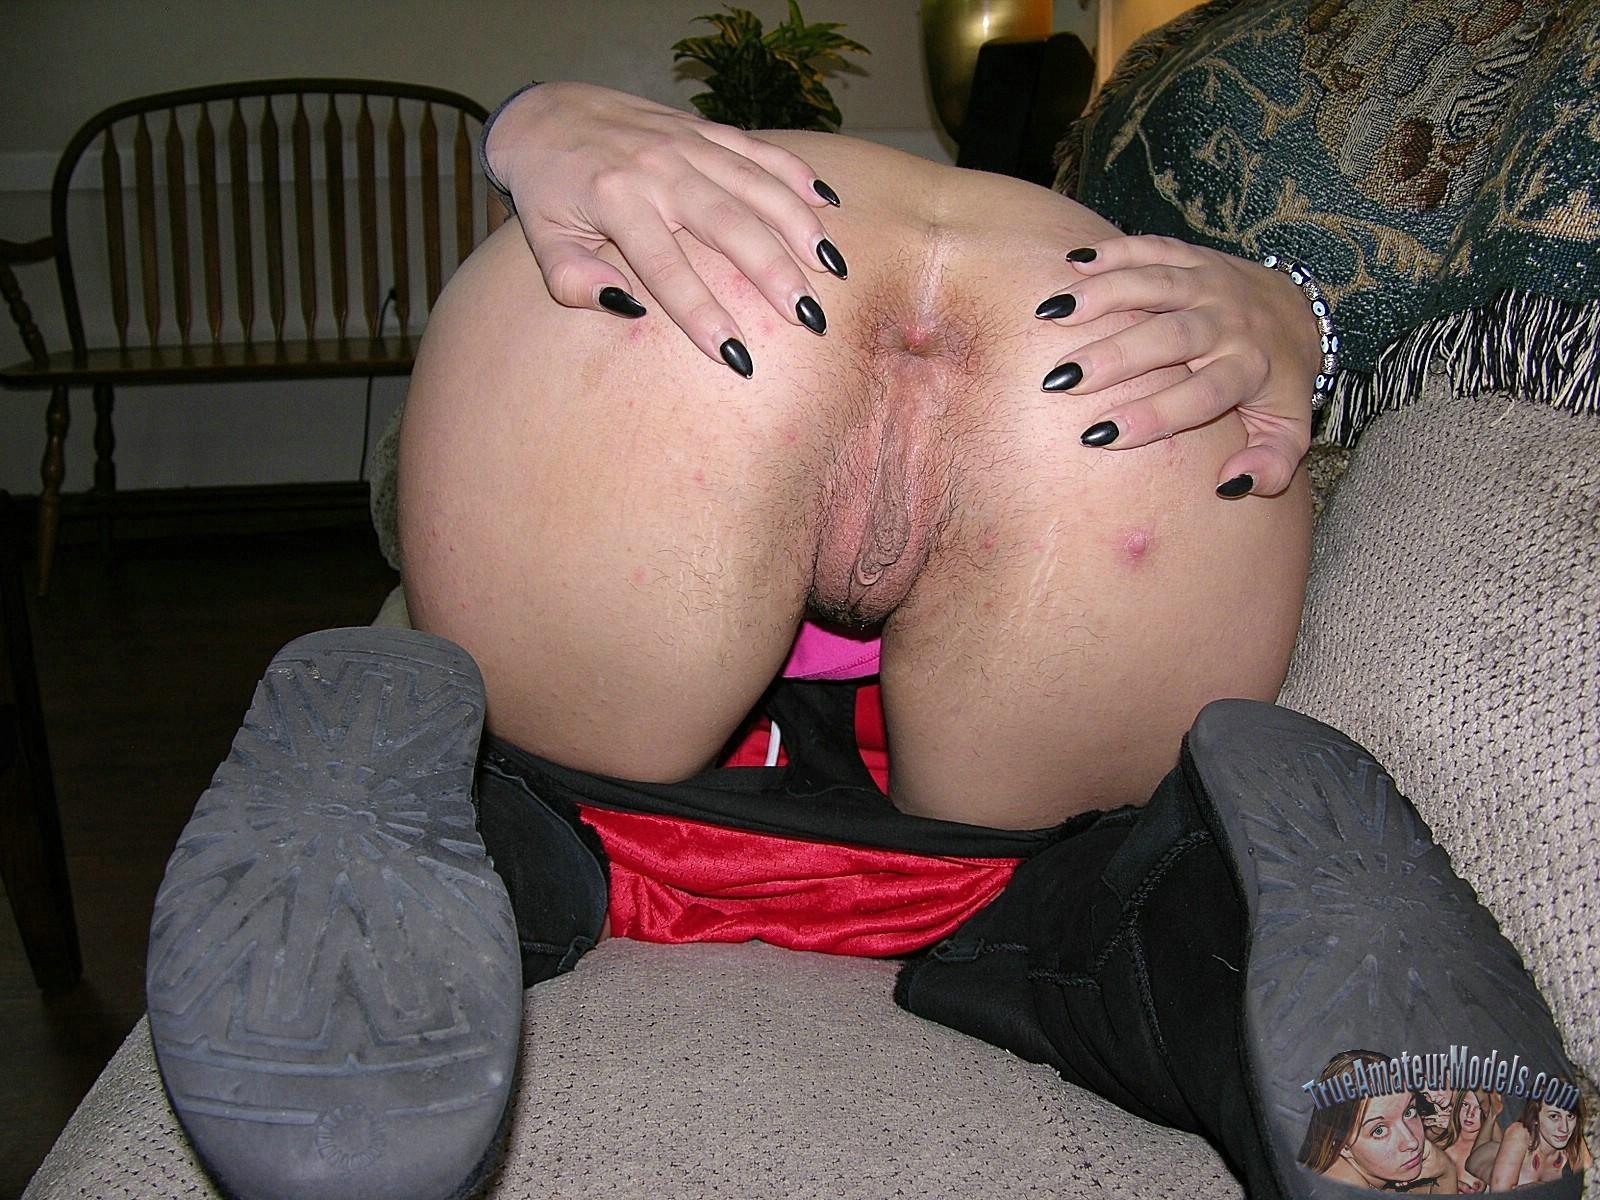 Лолита стоит на коленях и, прогибая спинку, показывает упругую задницу и узкий анус